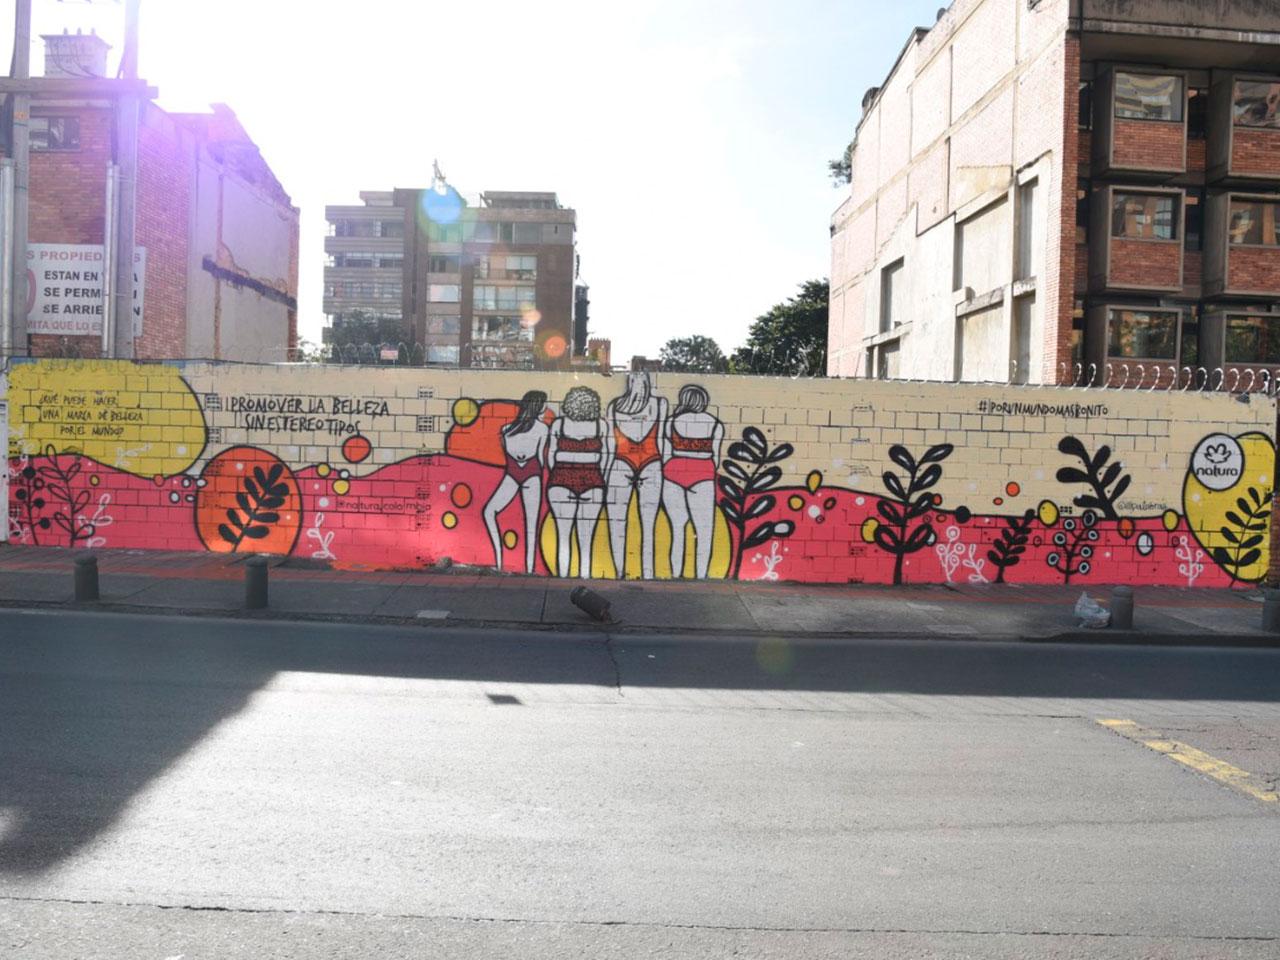 publicidad-BTL-slim-brands---natura-sustentable--mural-fotocatalitico-calle-85-con-7ma